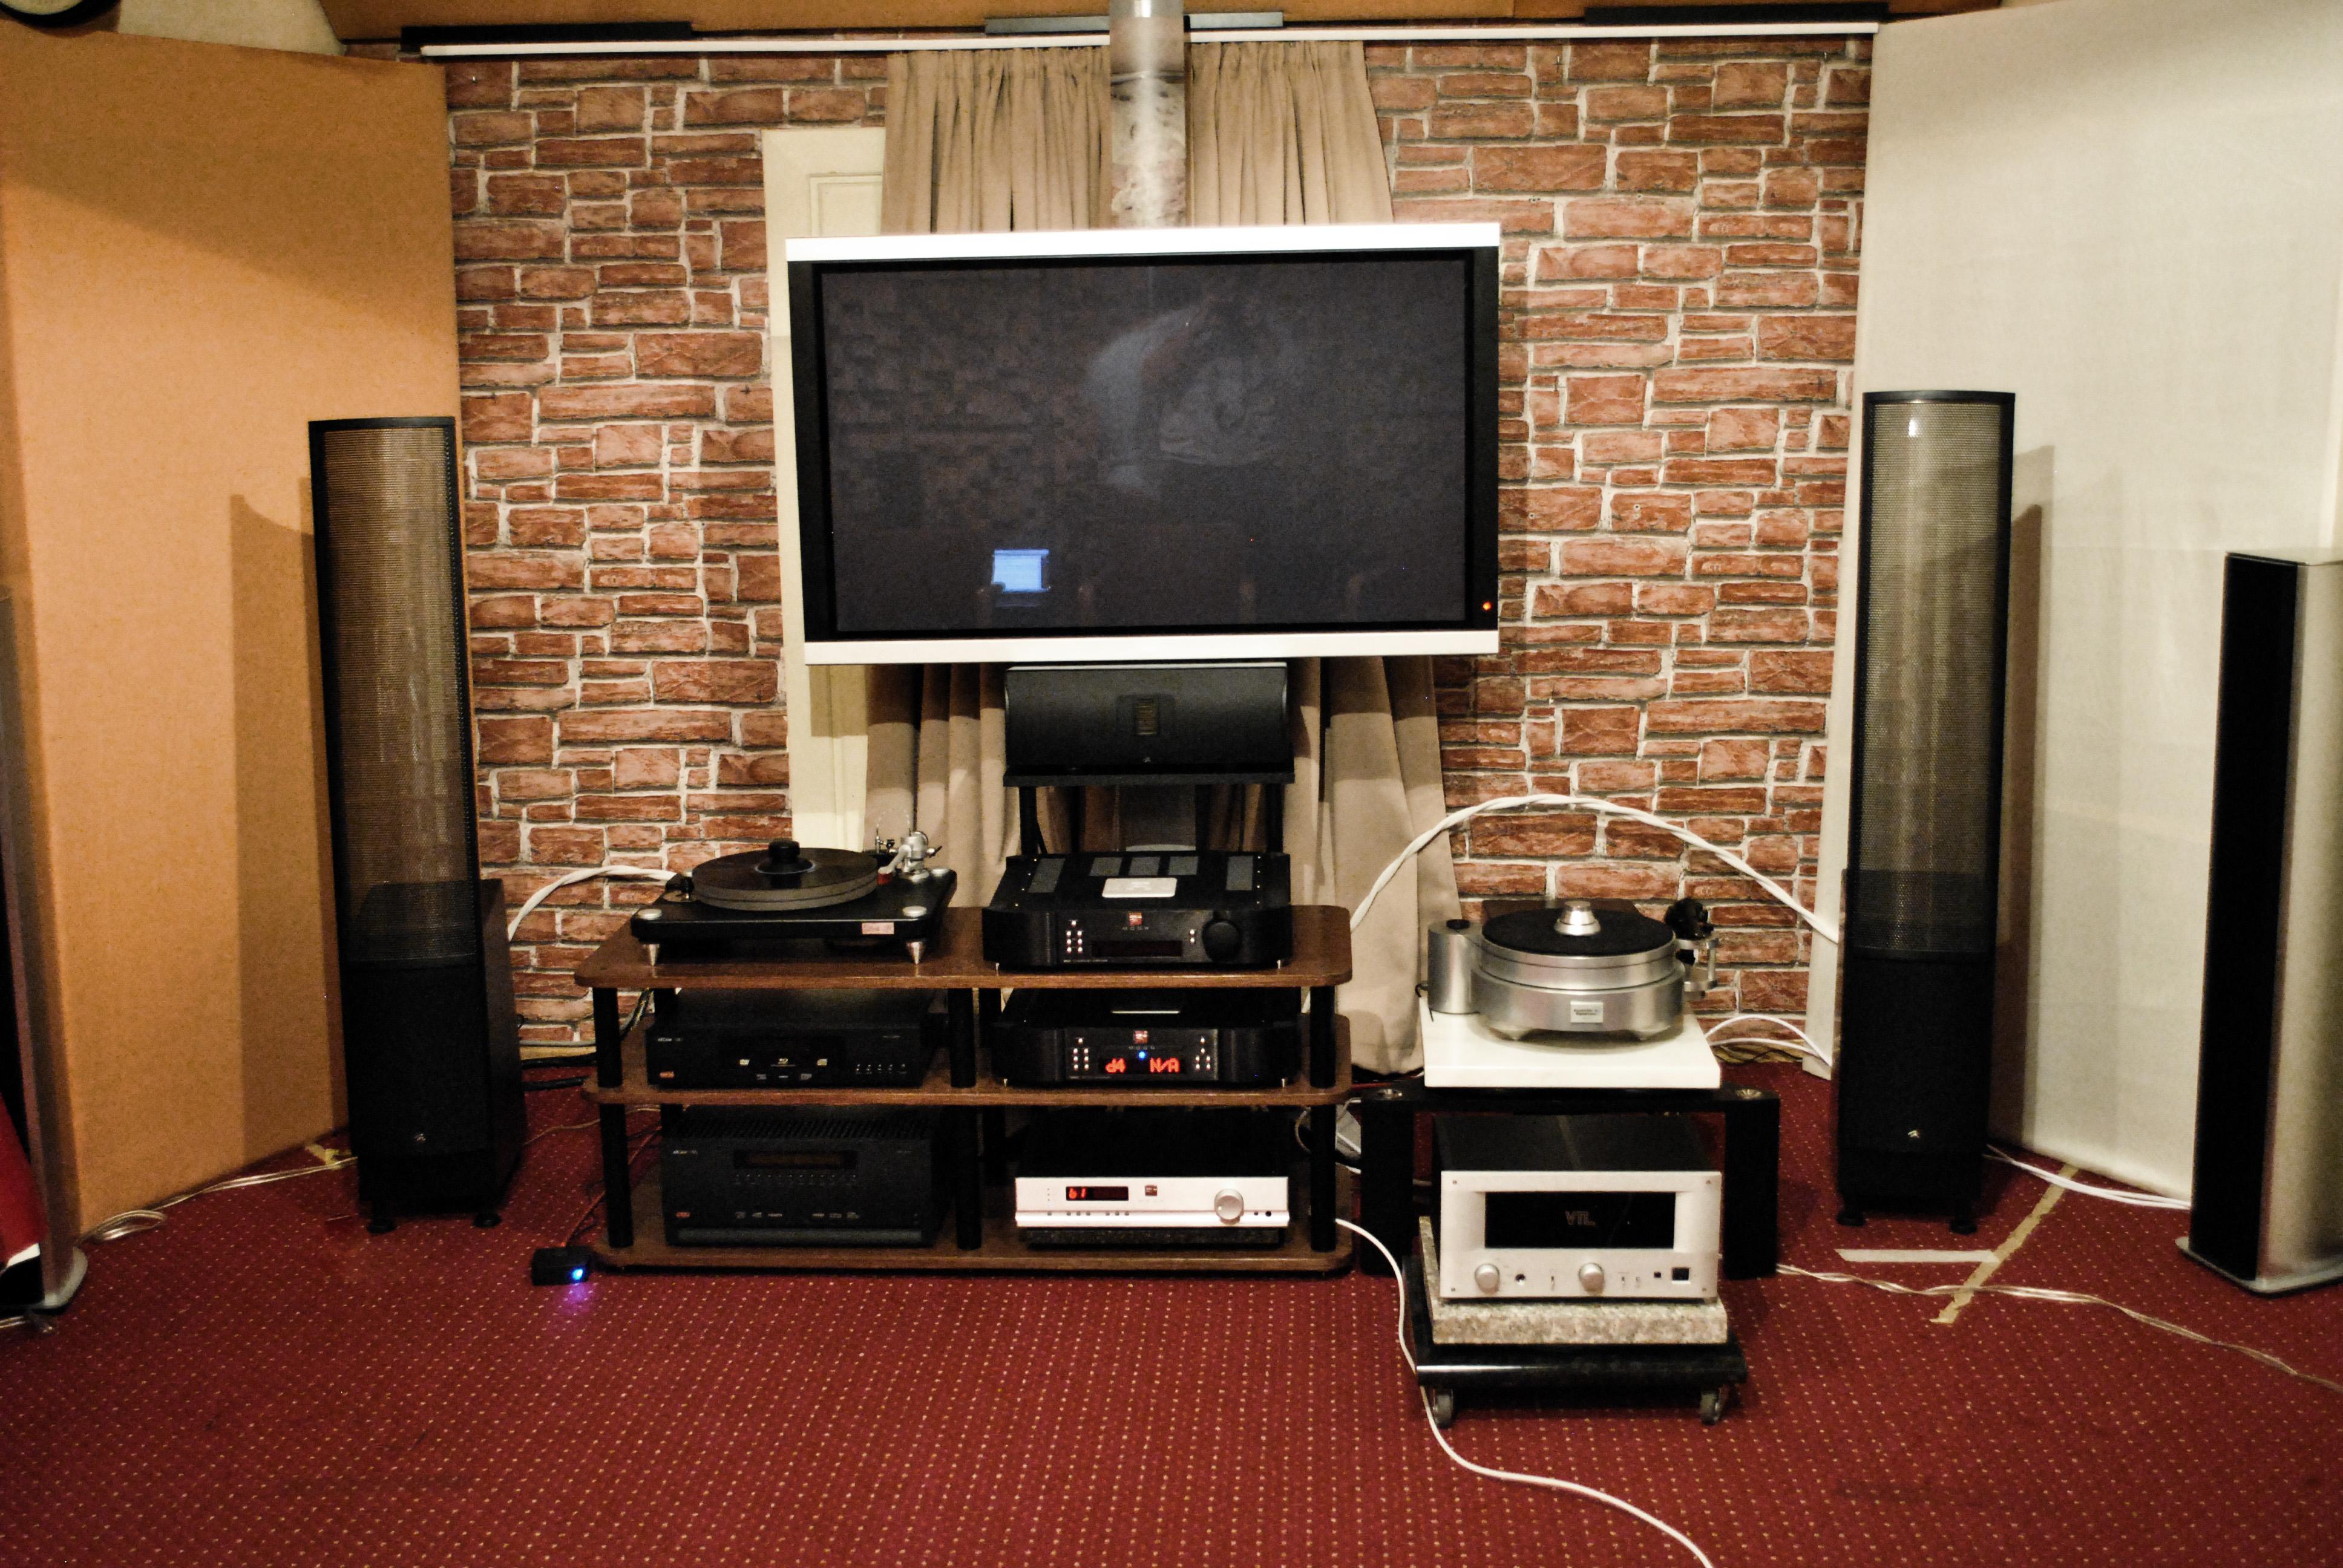 also yamaha coast floorstanding recommend we hi martin fi bookshelf west logan loudspeakers westcoasthifi product speakers motion